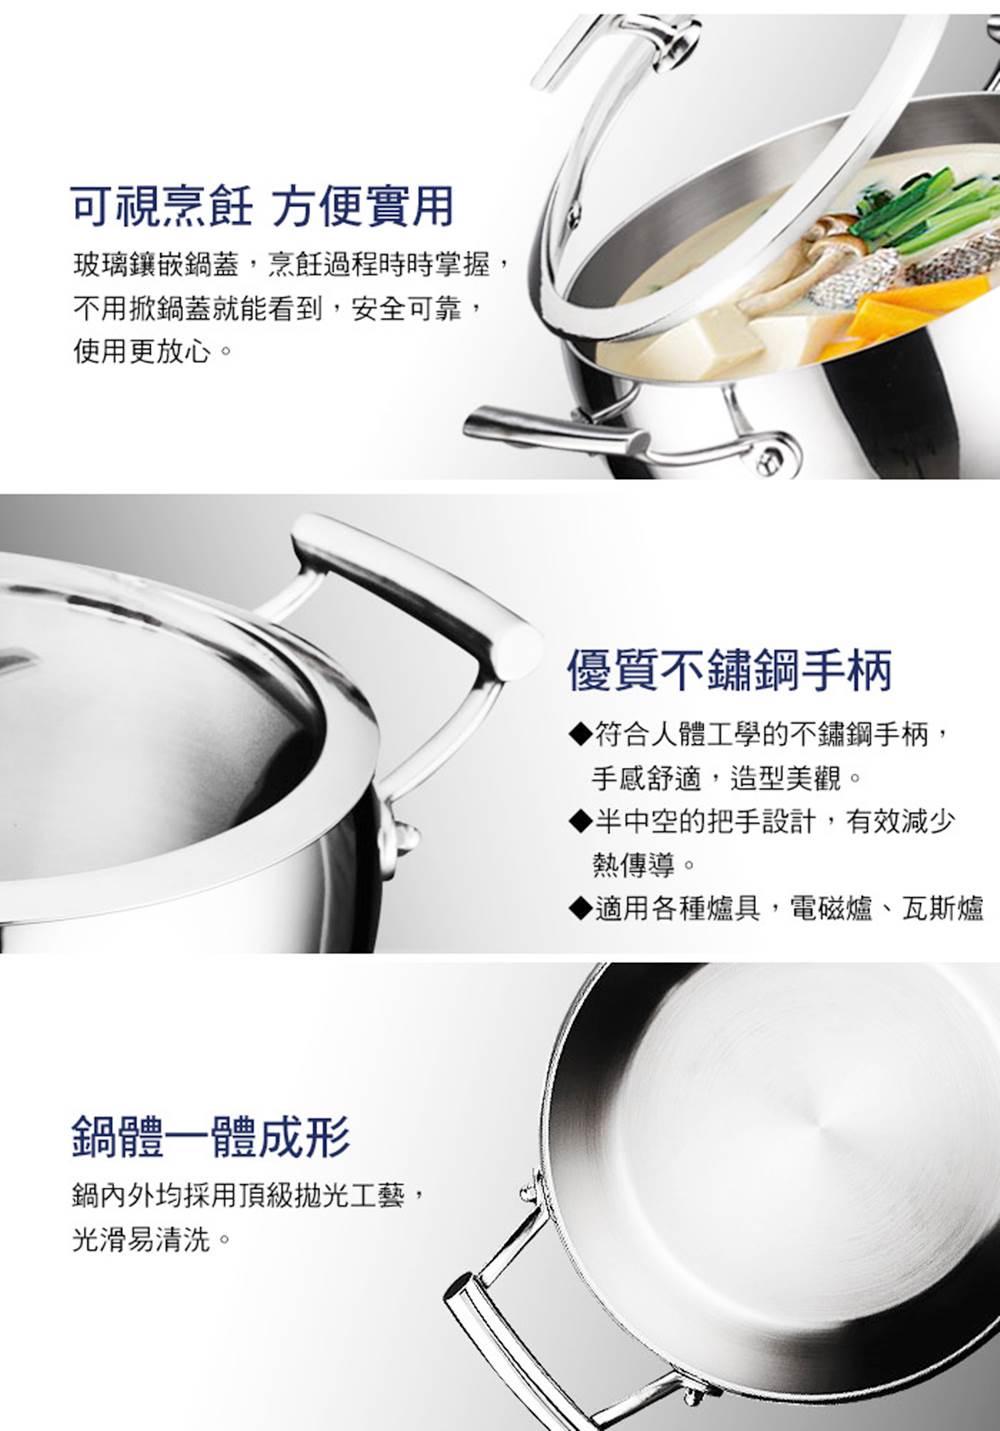 蔥媽媽 符合人體工學不鏽鋼把手 一體成形好清洗 玻璃鍋蓋